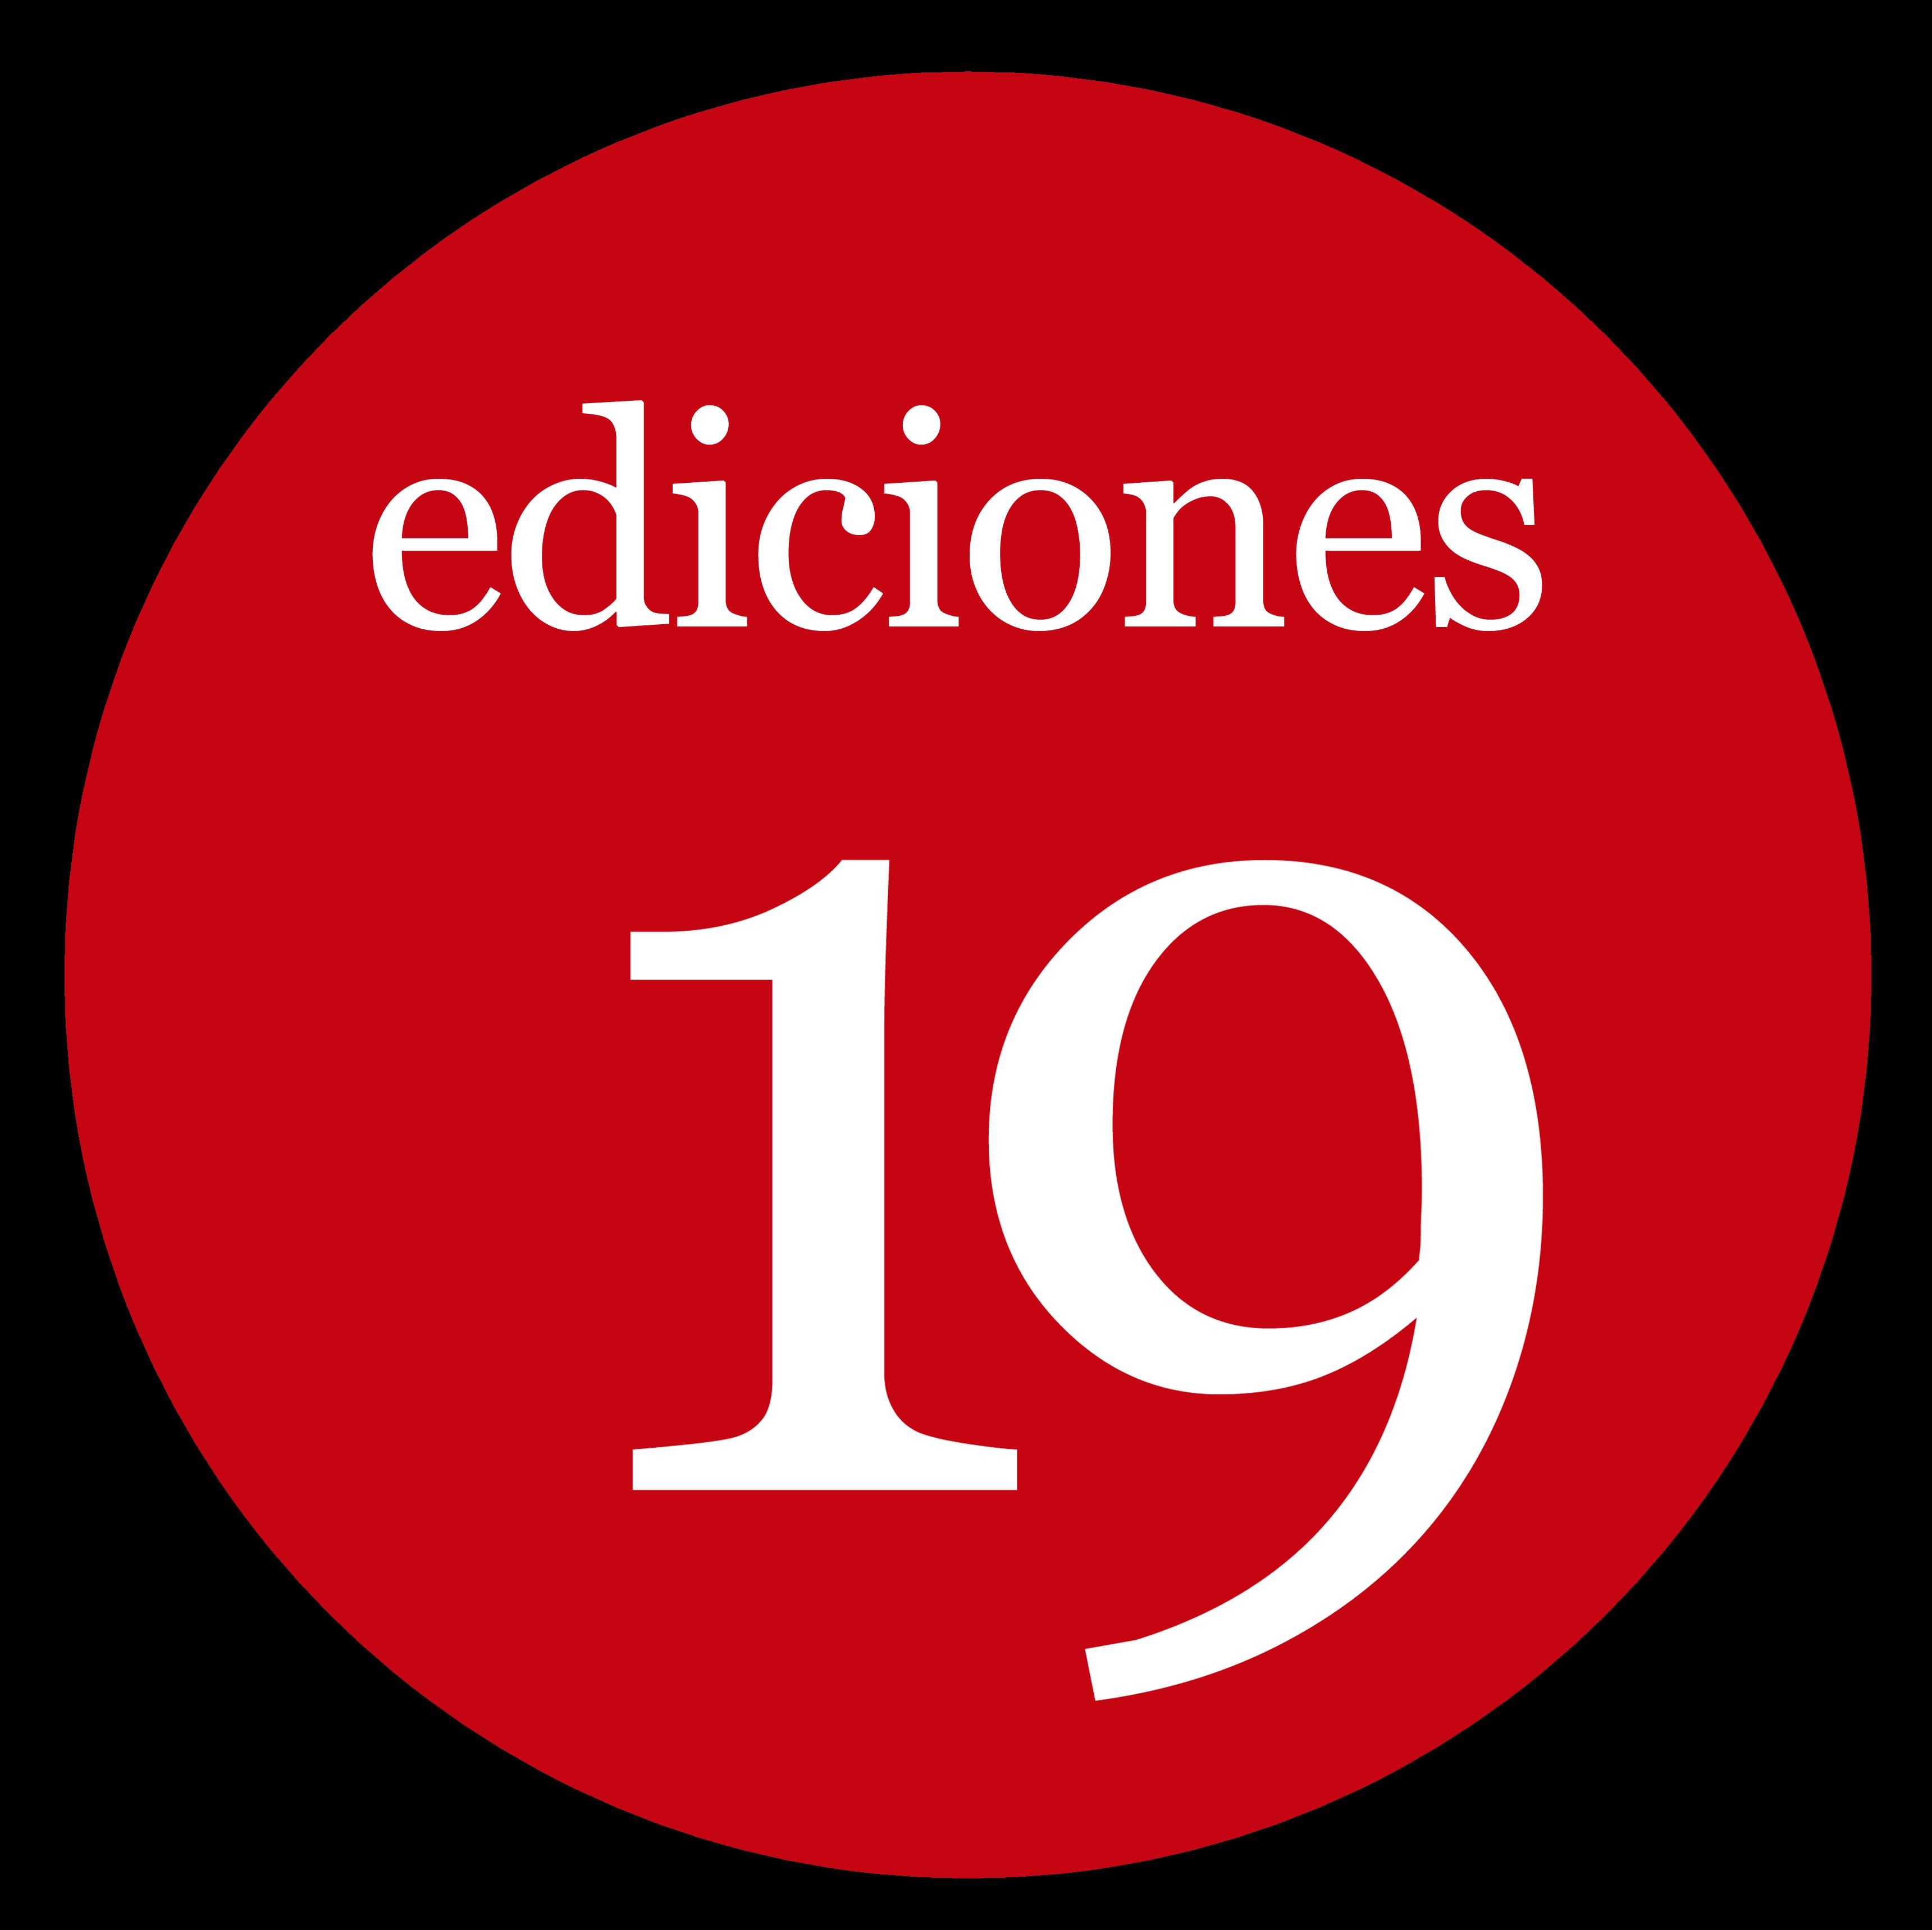 ediciones 19